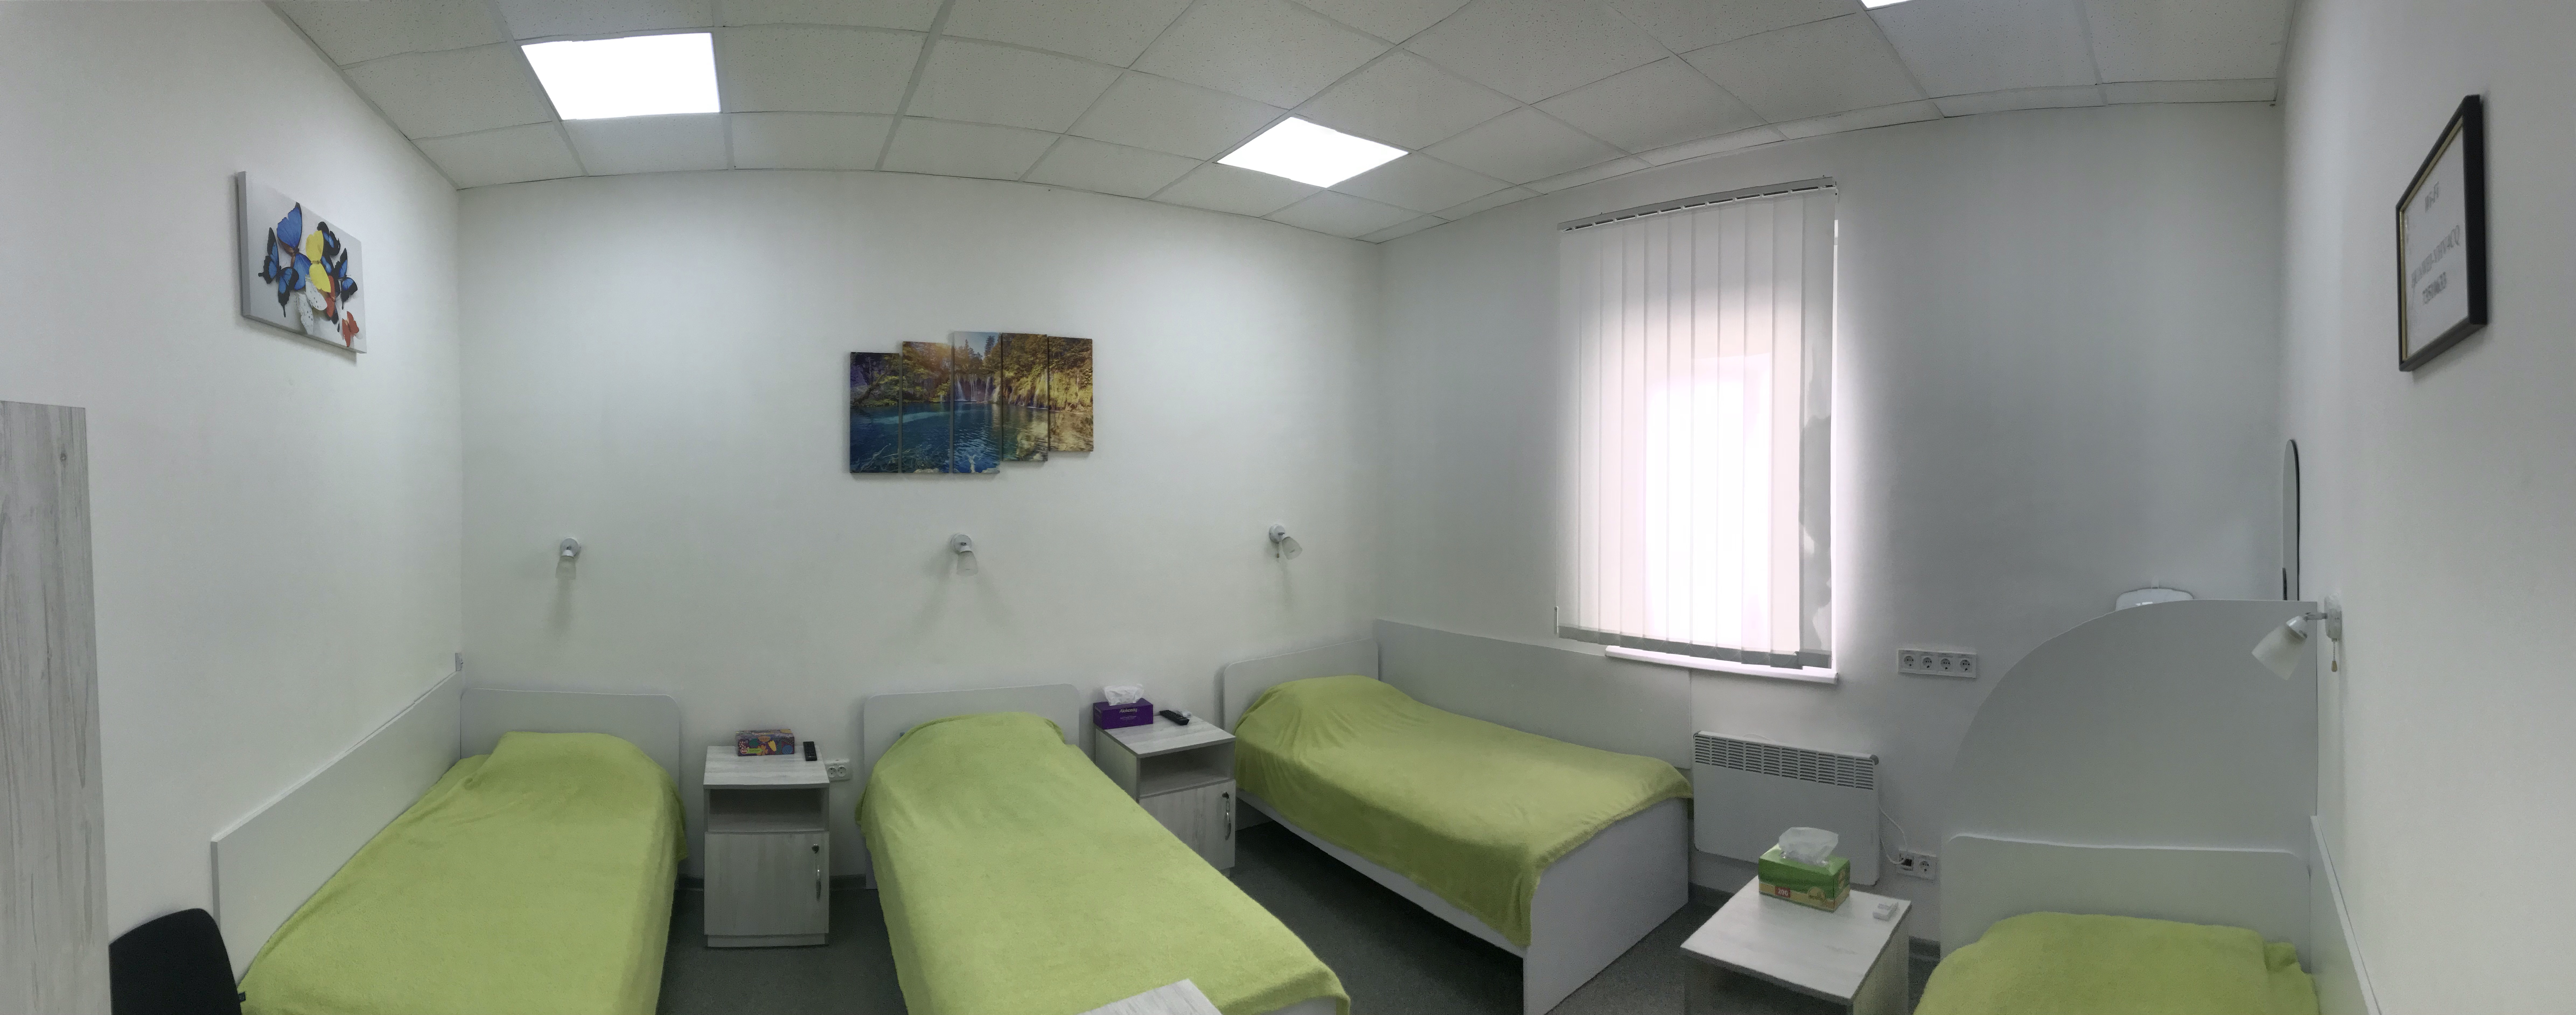 Химиотерапия в Харькове